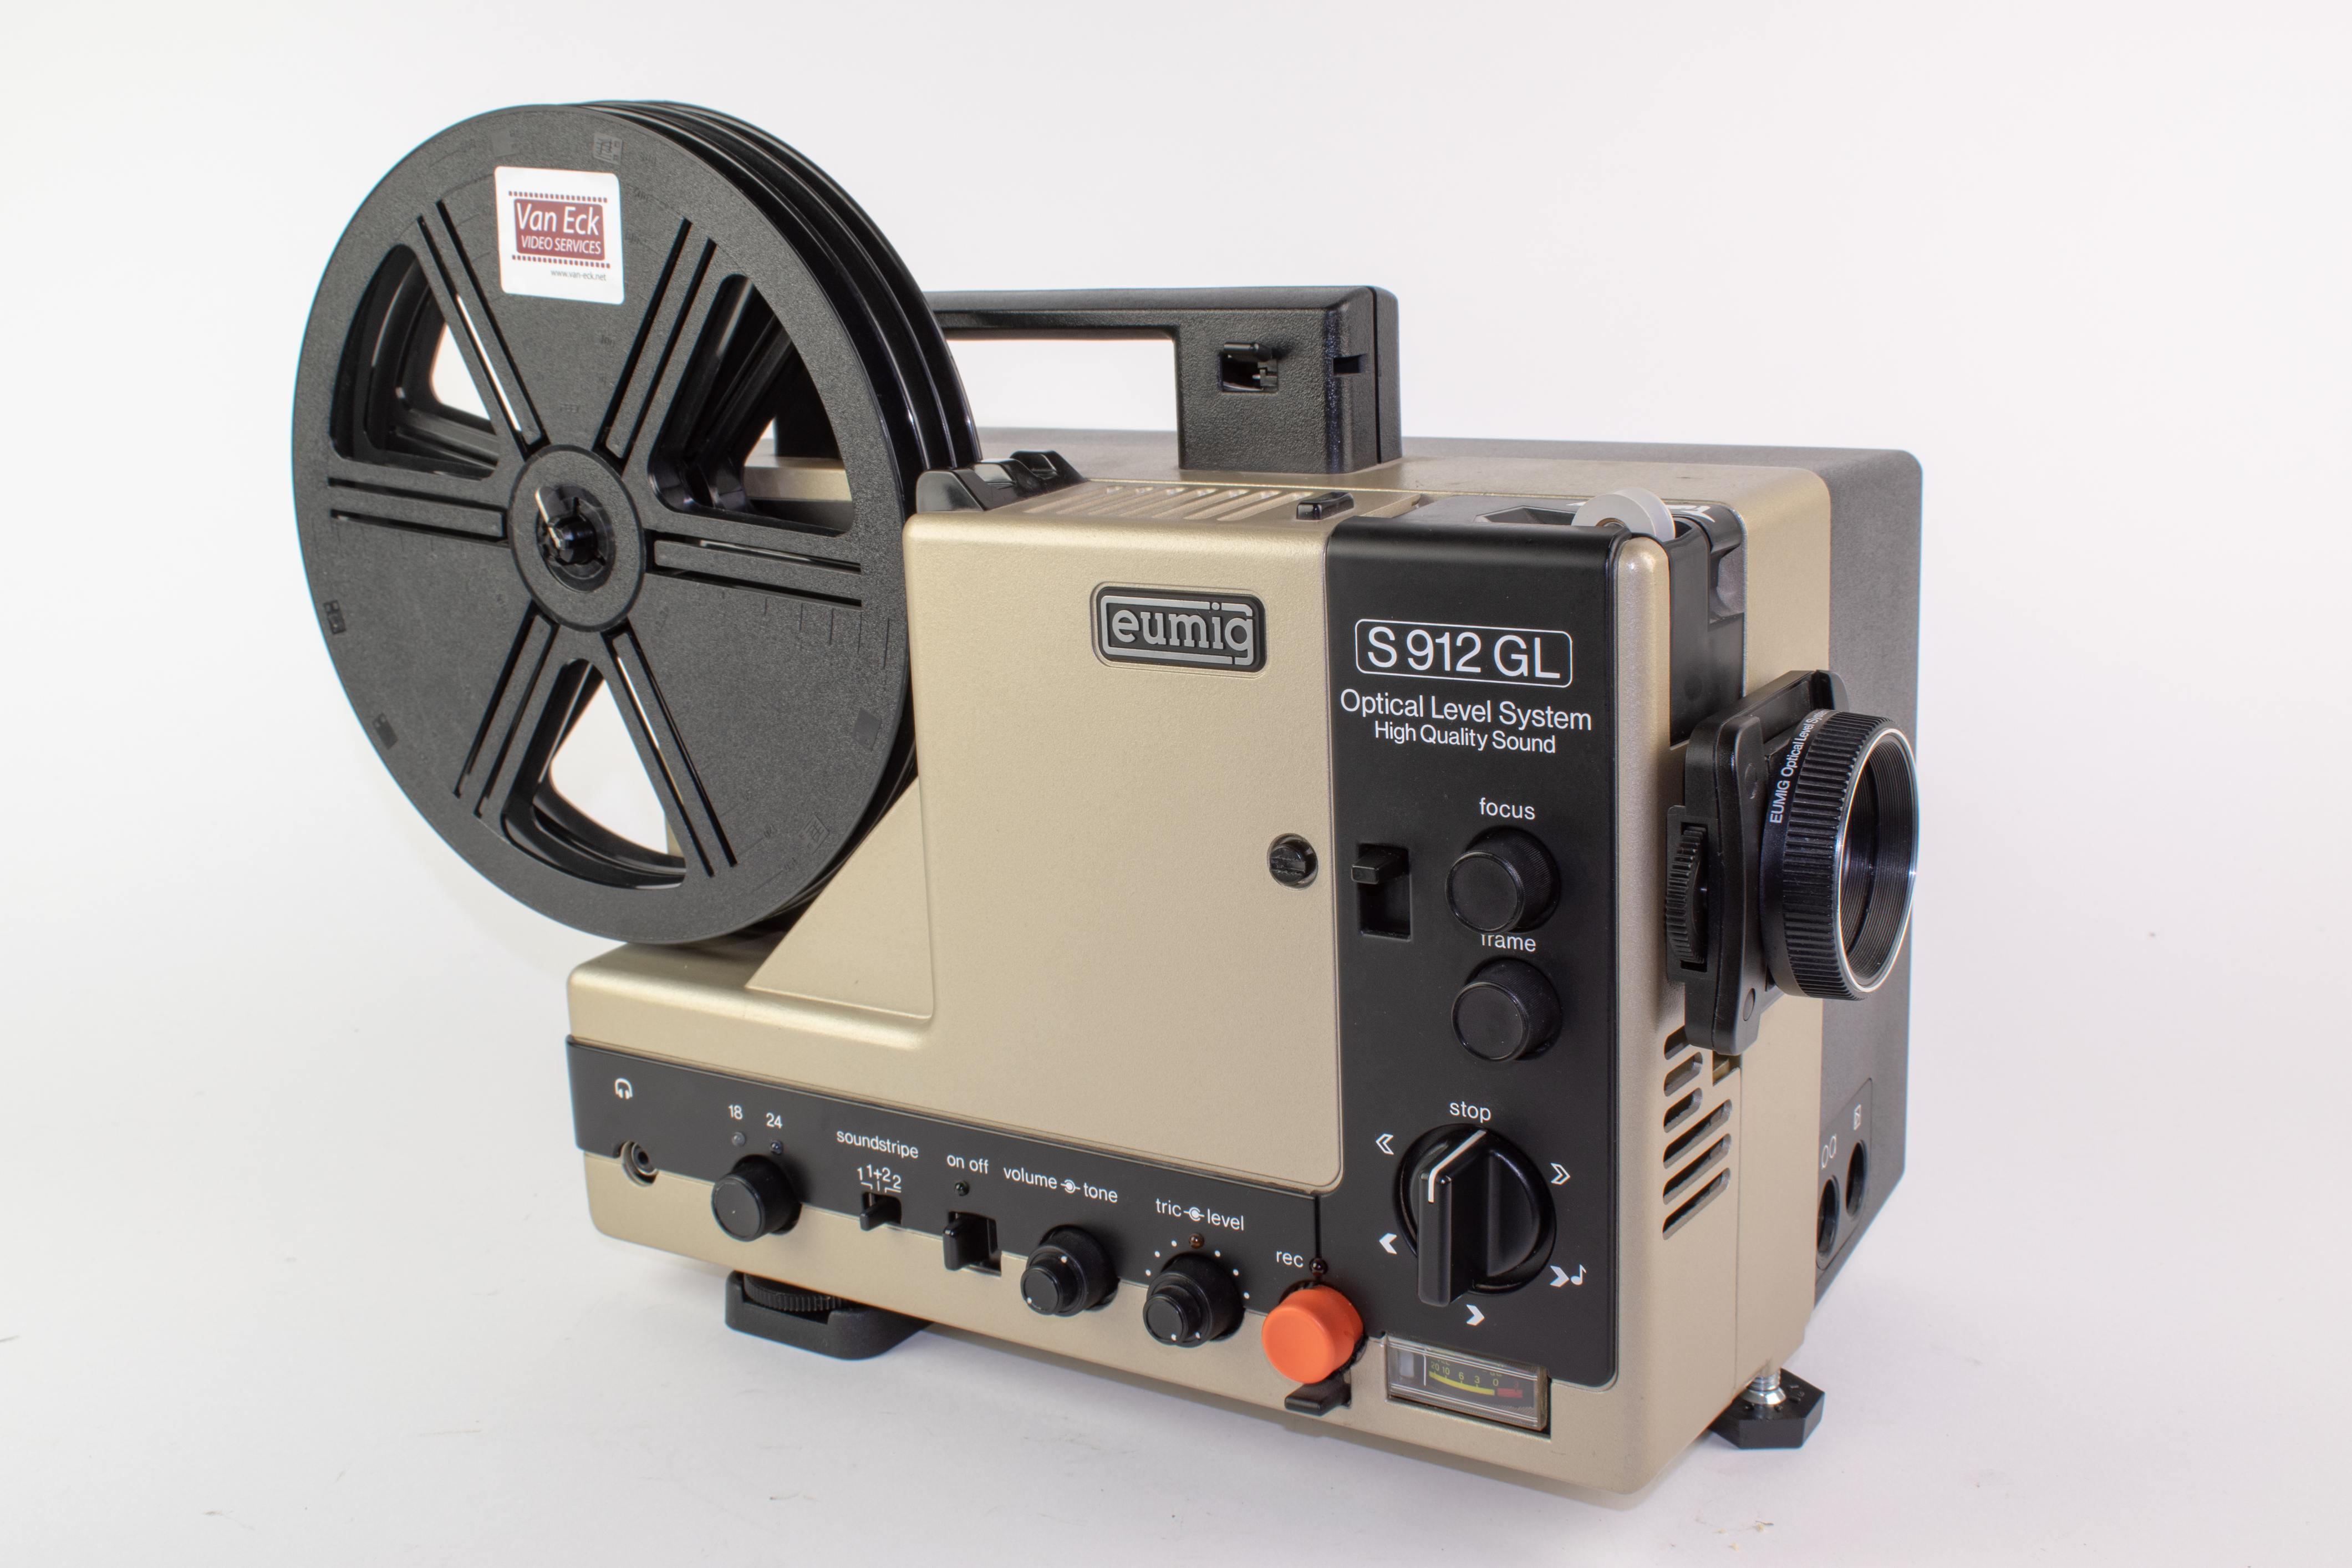 S912 GL